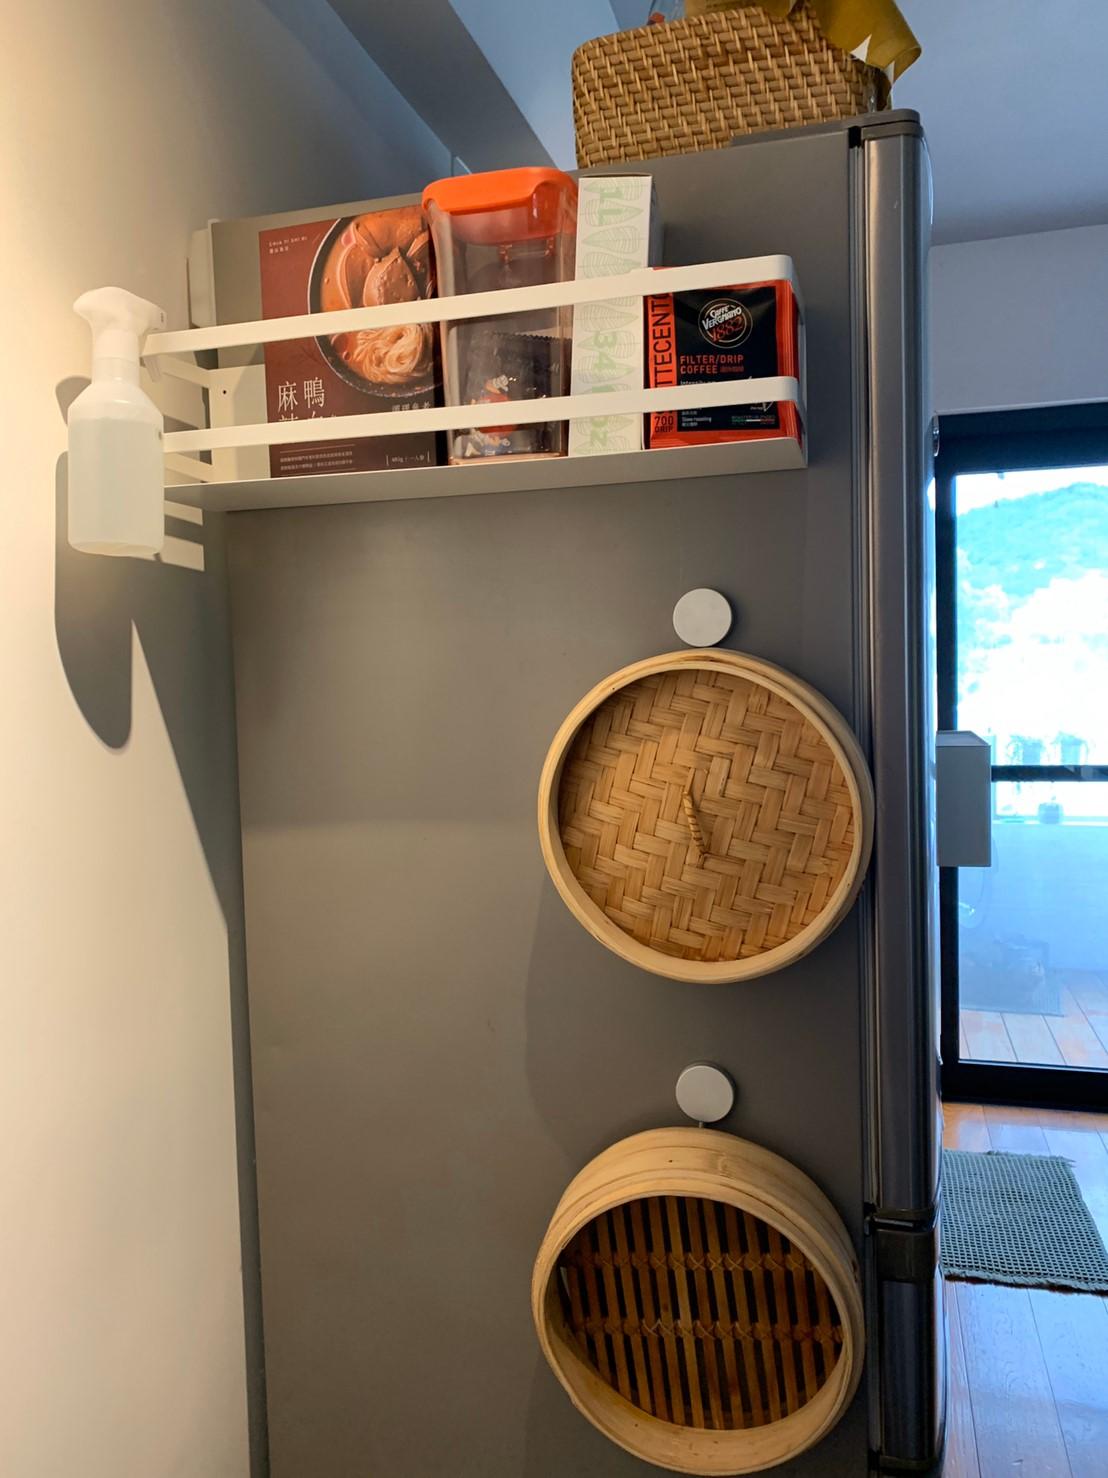 Plate磁吸式置物架 山崎收納 Yamazaki 廚房收納 冰箱側邊 超強磁吸